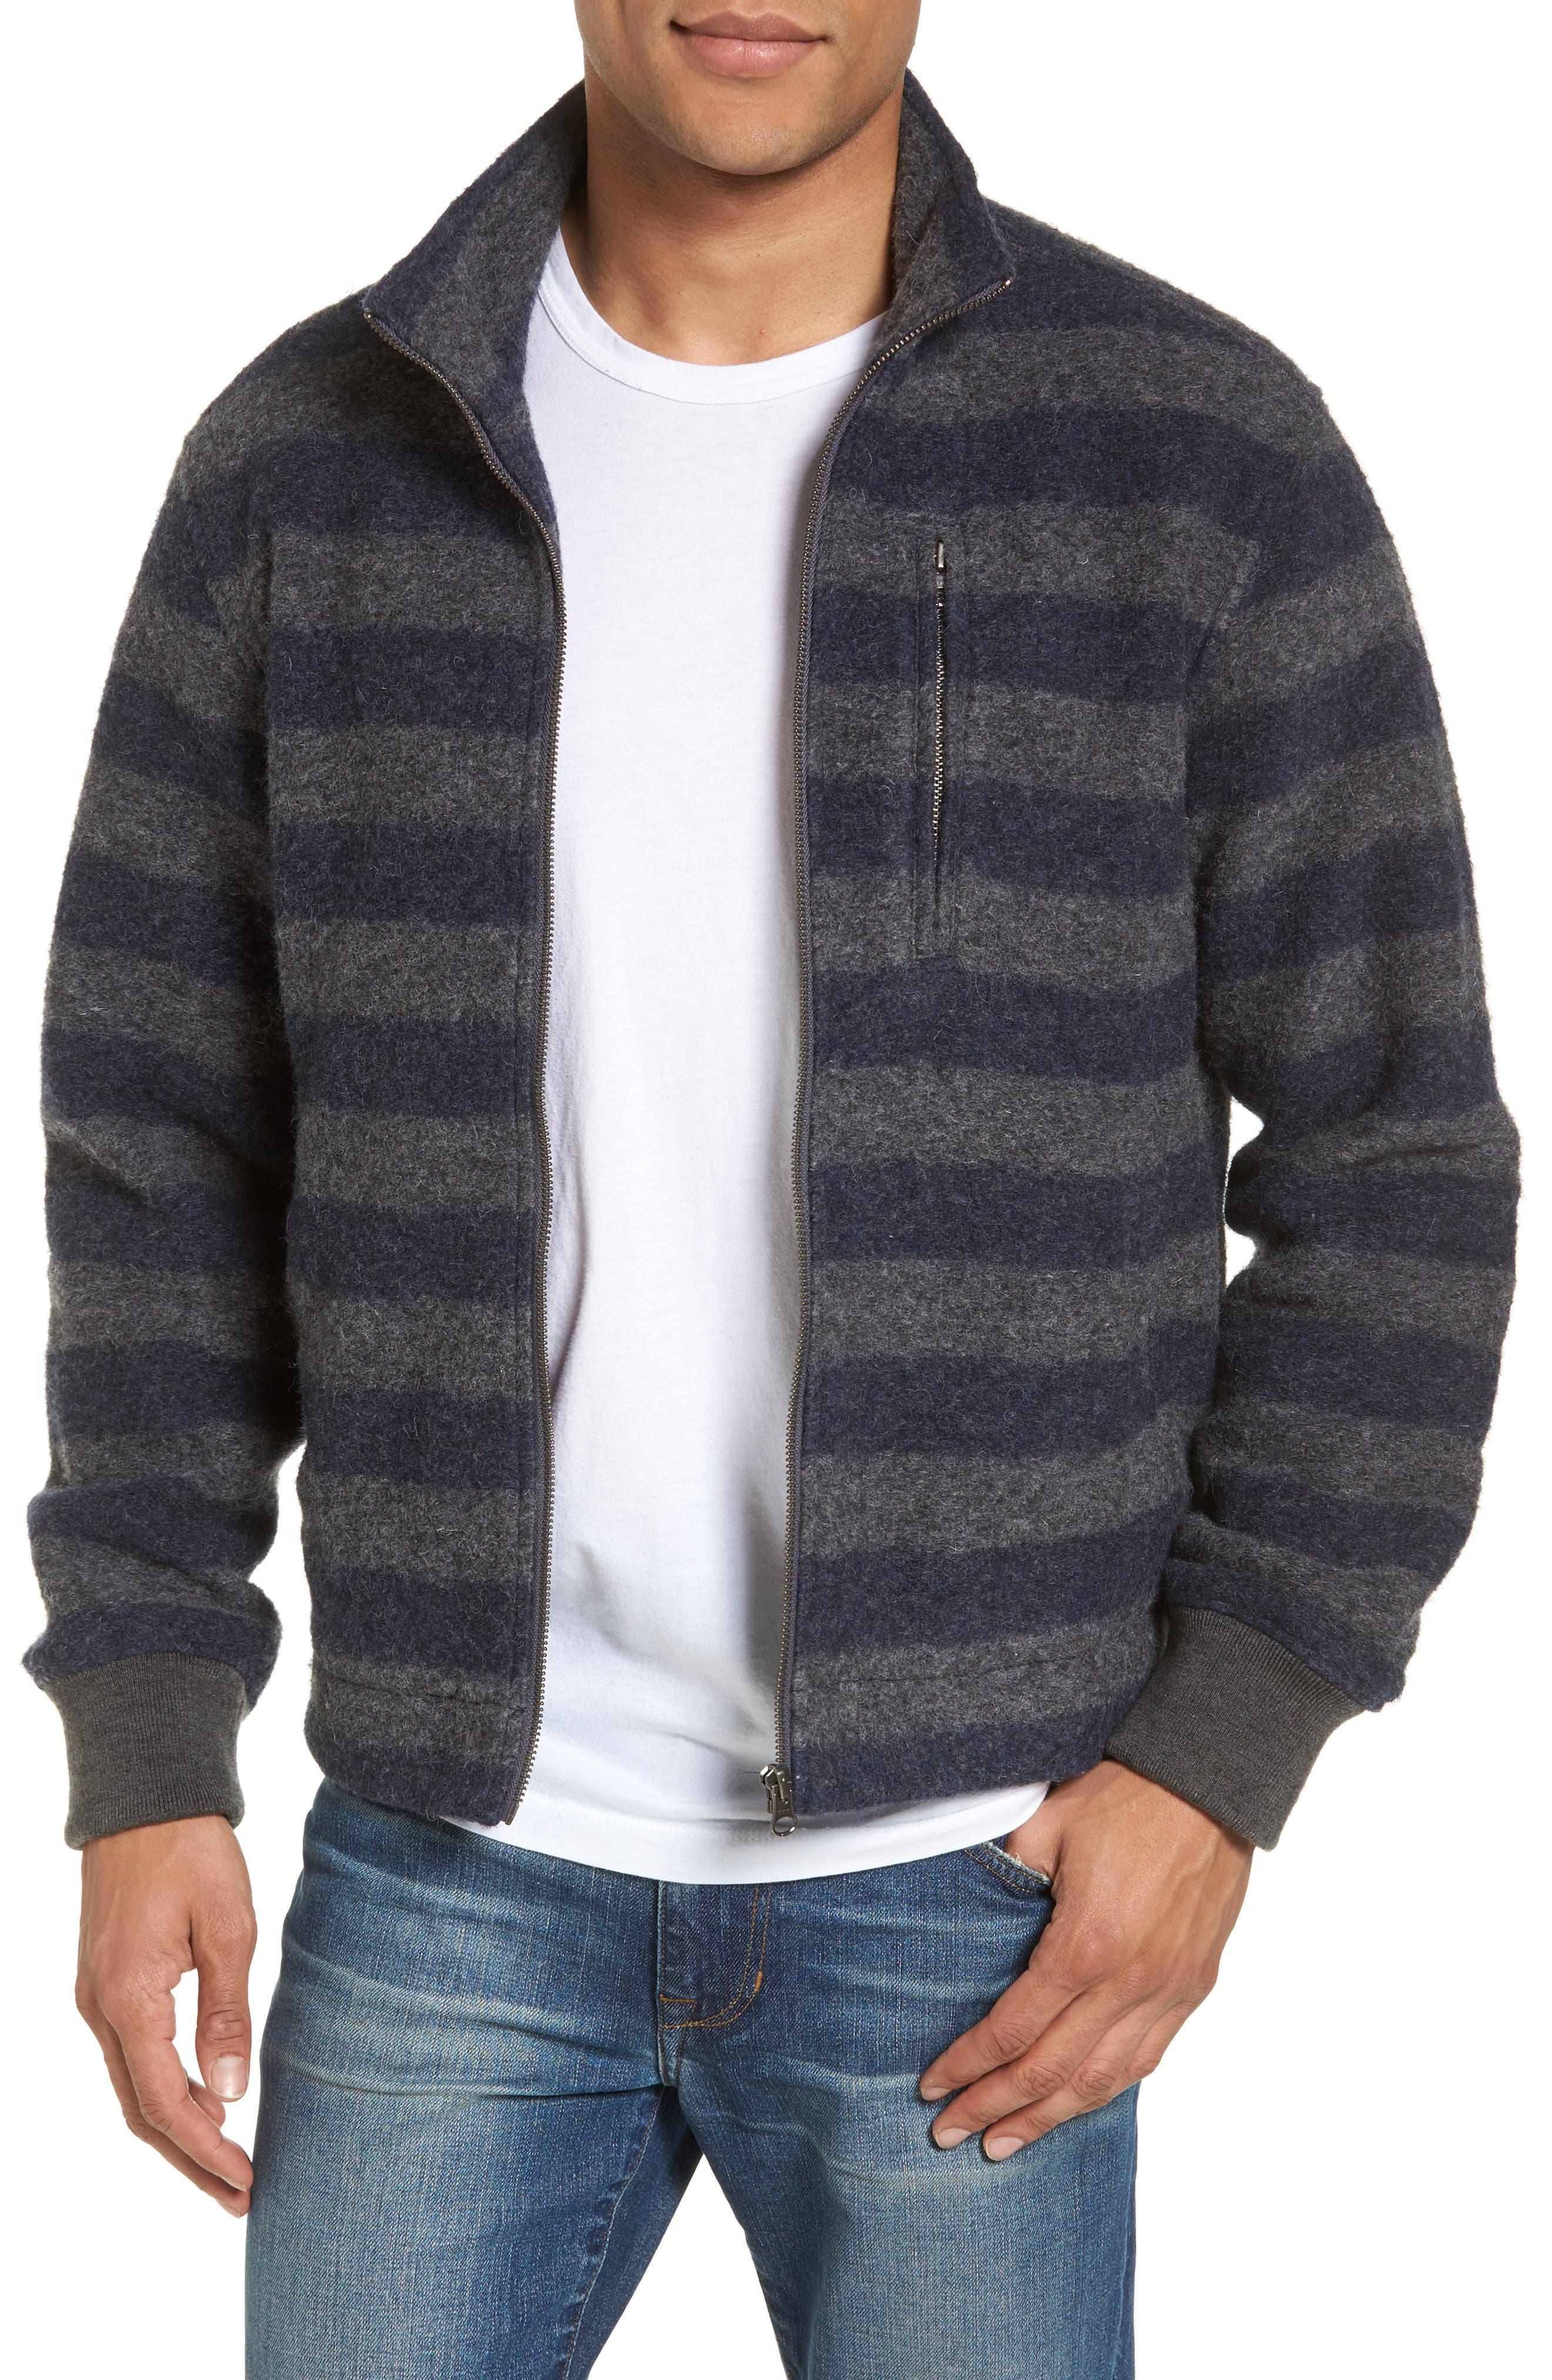 Grayers Bowen Stripe Zip Front Jacket